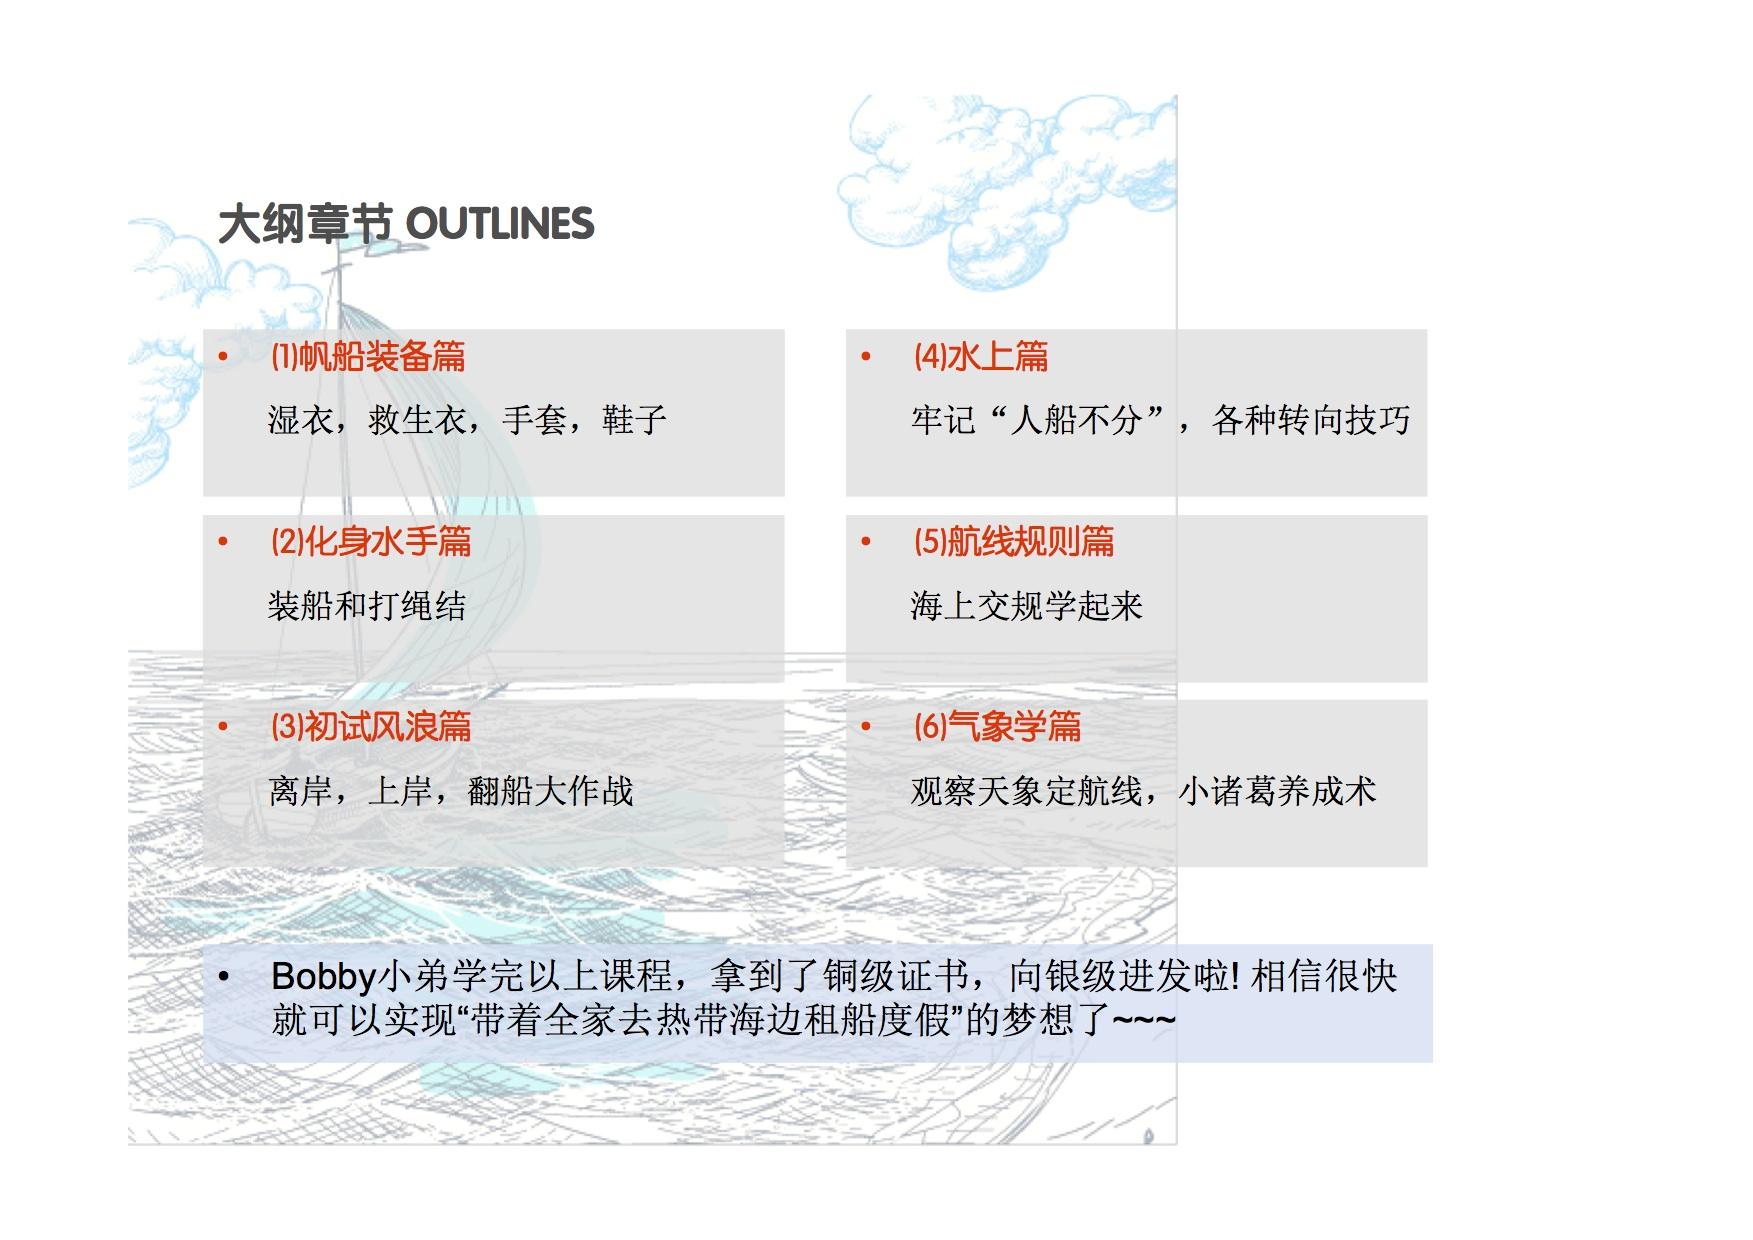 徐莉佳,帆船 一起来支持徐莉佳帆船漫画系列书 绘本帆船创作企划案14.jpg